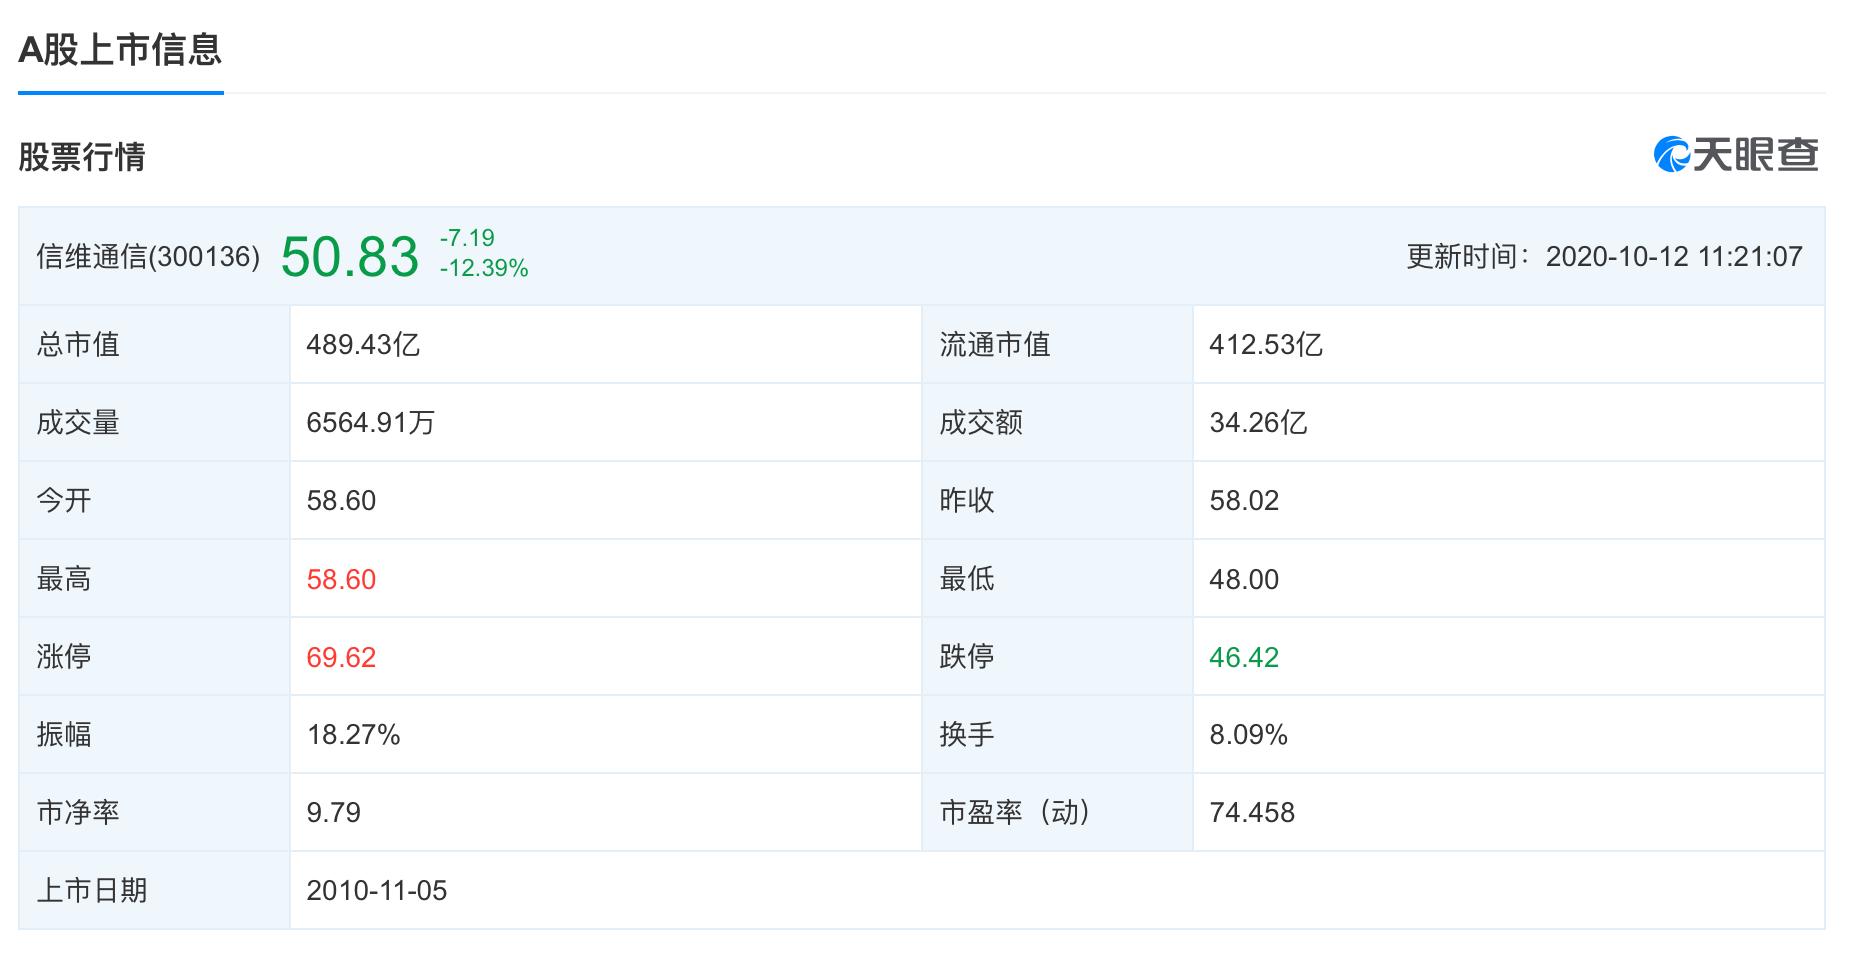 【信维通信跳水跌近17%,消息称其被苹果剔除产业链】